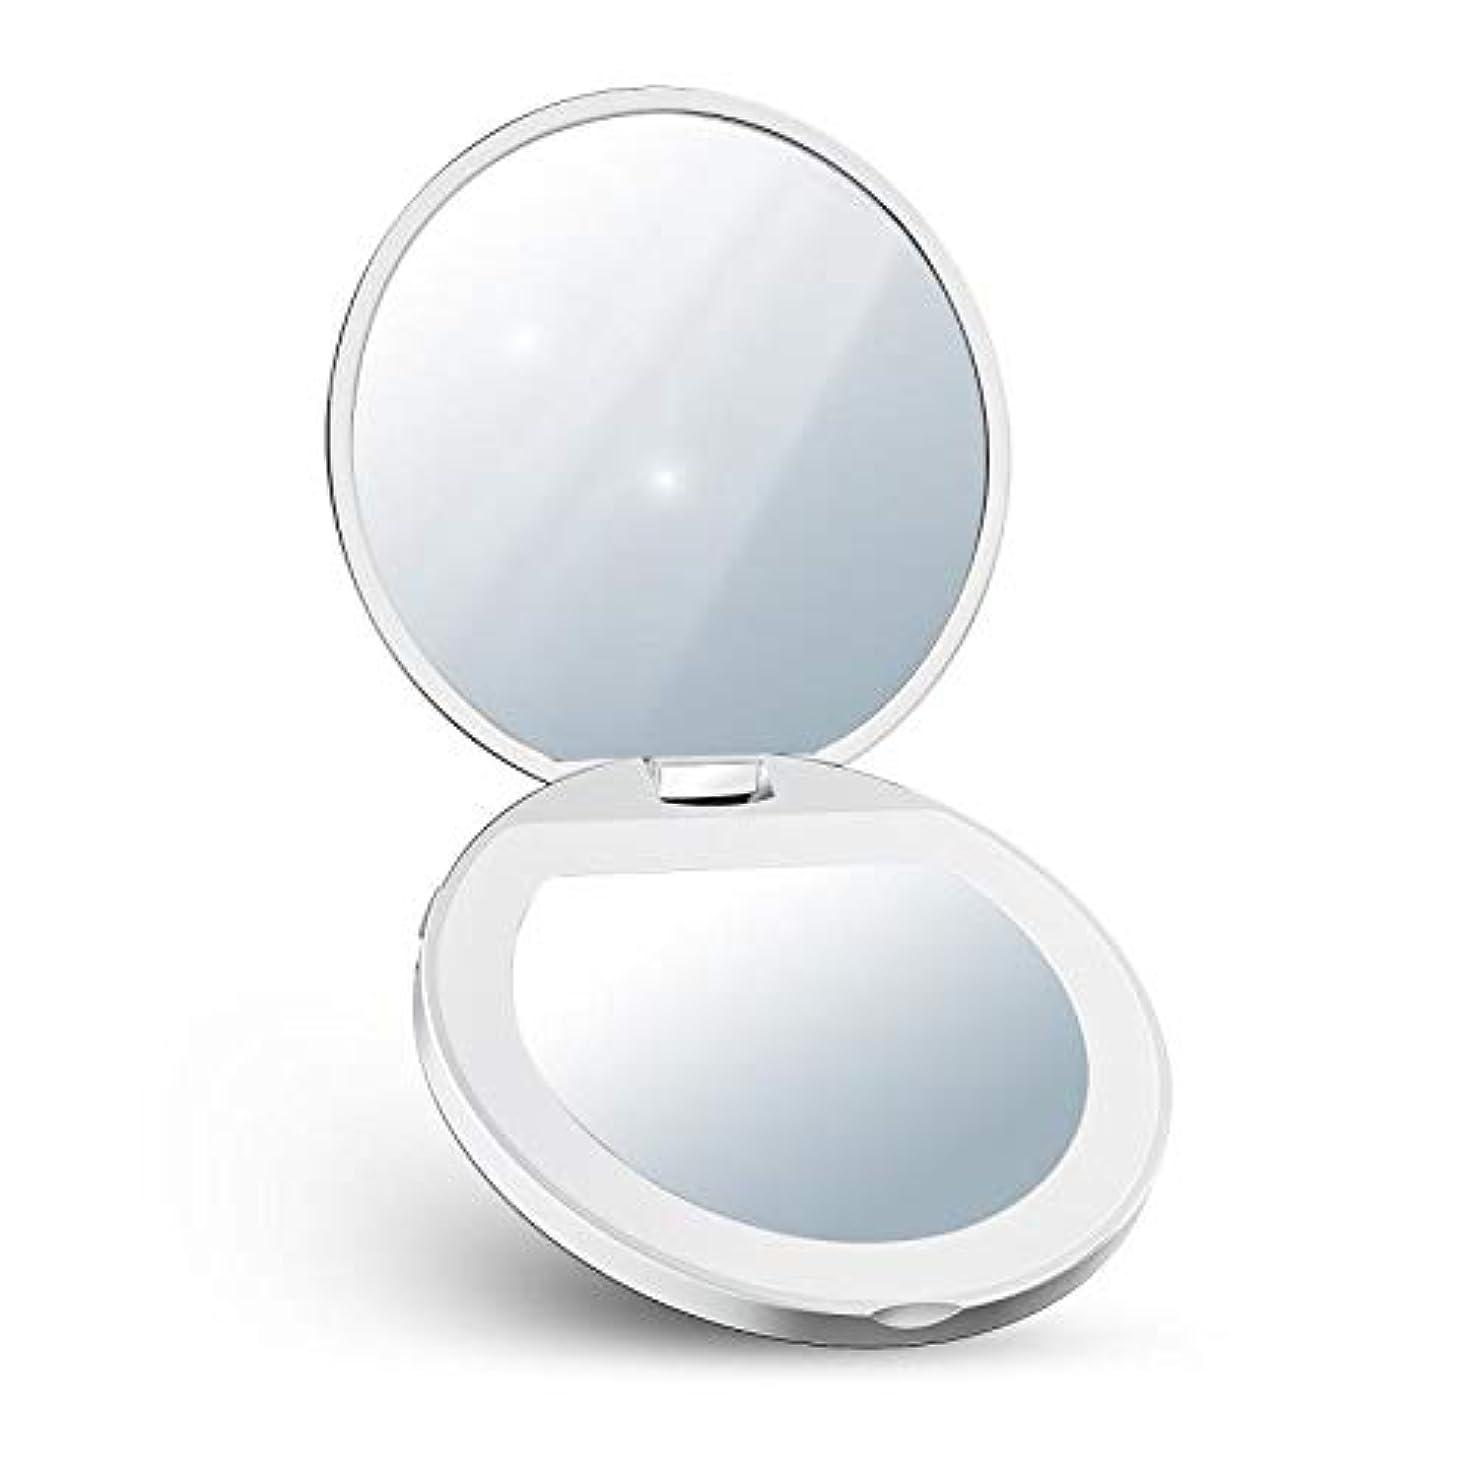 目に見える言い換えるとぼろLED化粧鏡 ミラー 折りたたみ式 手鏡  コンパクト  おしゃれ 外出 旅行用 持ち運び便利 化粧ミラー 2倍拡大鏡付き 両面コンパクト鏡  LEDライト付き 明るさ調節可能